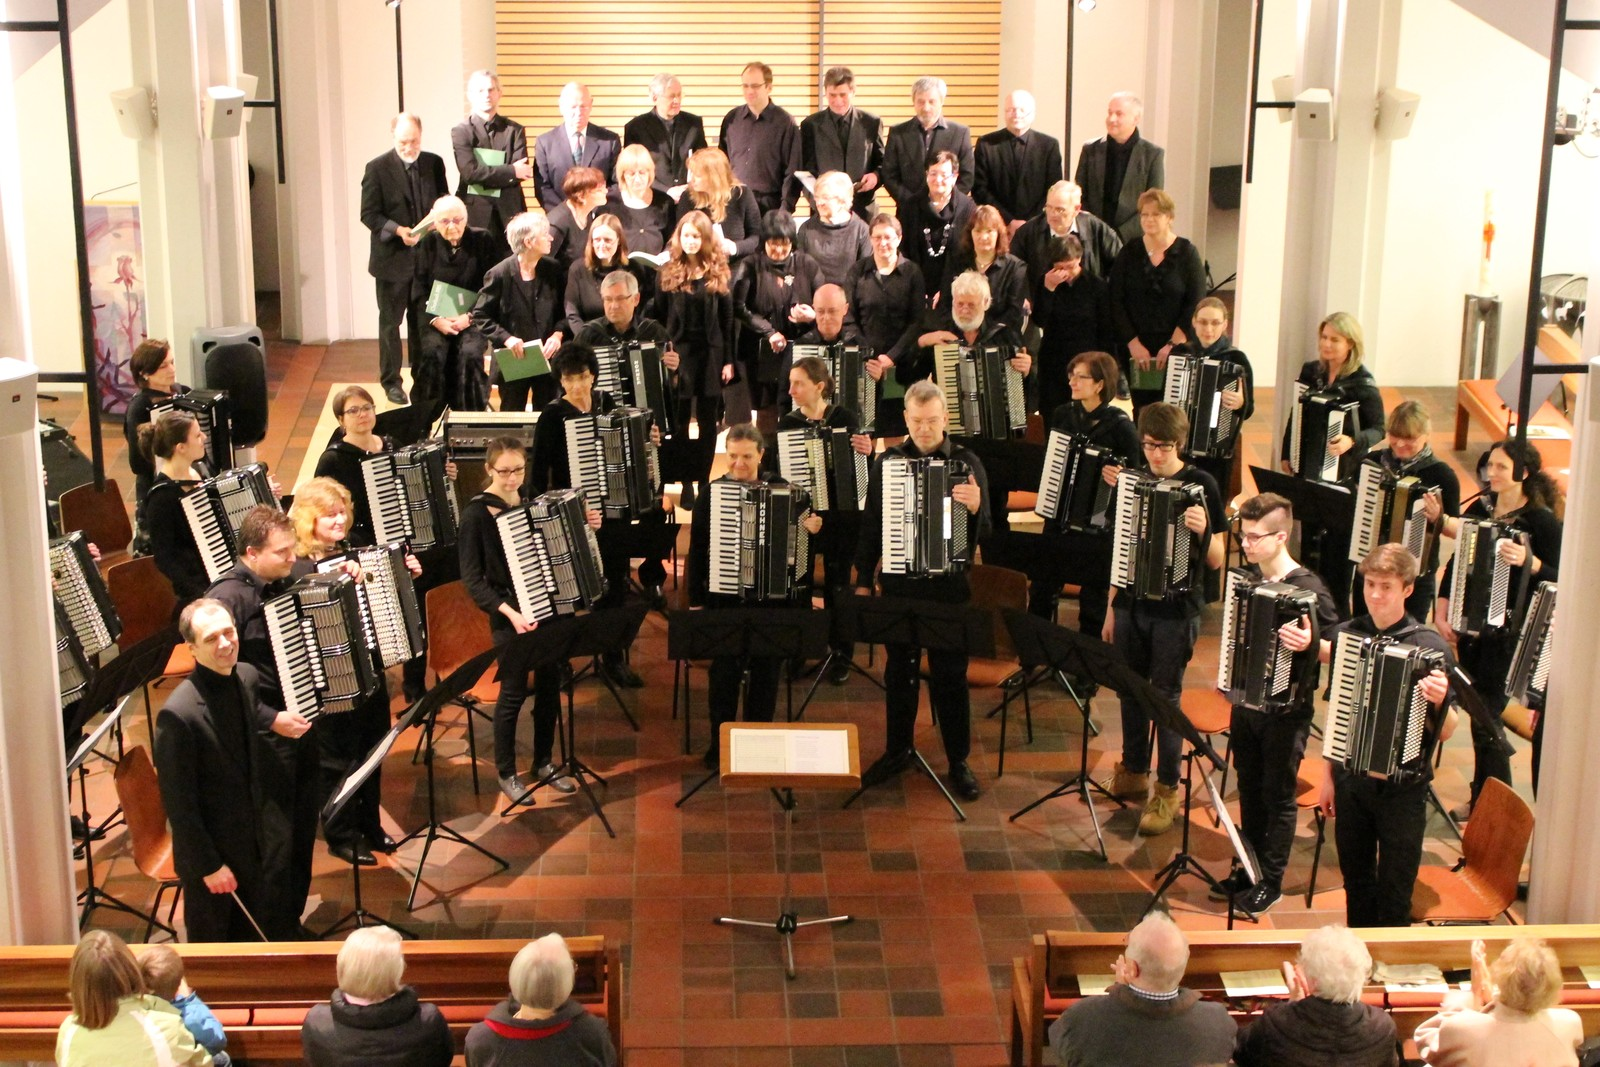 Nach dem Finale bedanken sich alle beteiligten Musiker beim Publikum: 1. Orchester, 2. Orchester, Jugendorchester, Kirchenchor Langensteinbach